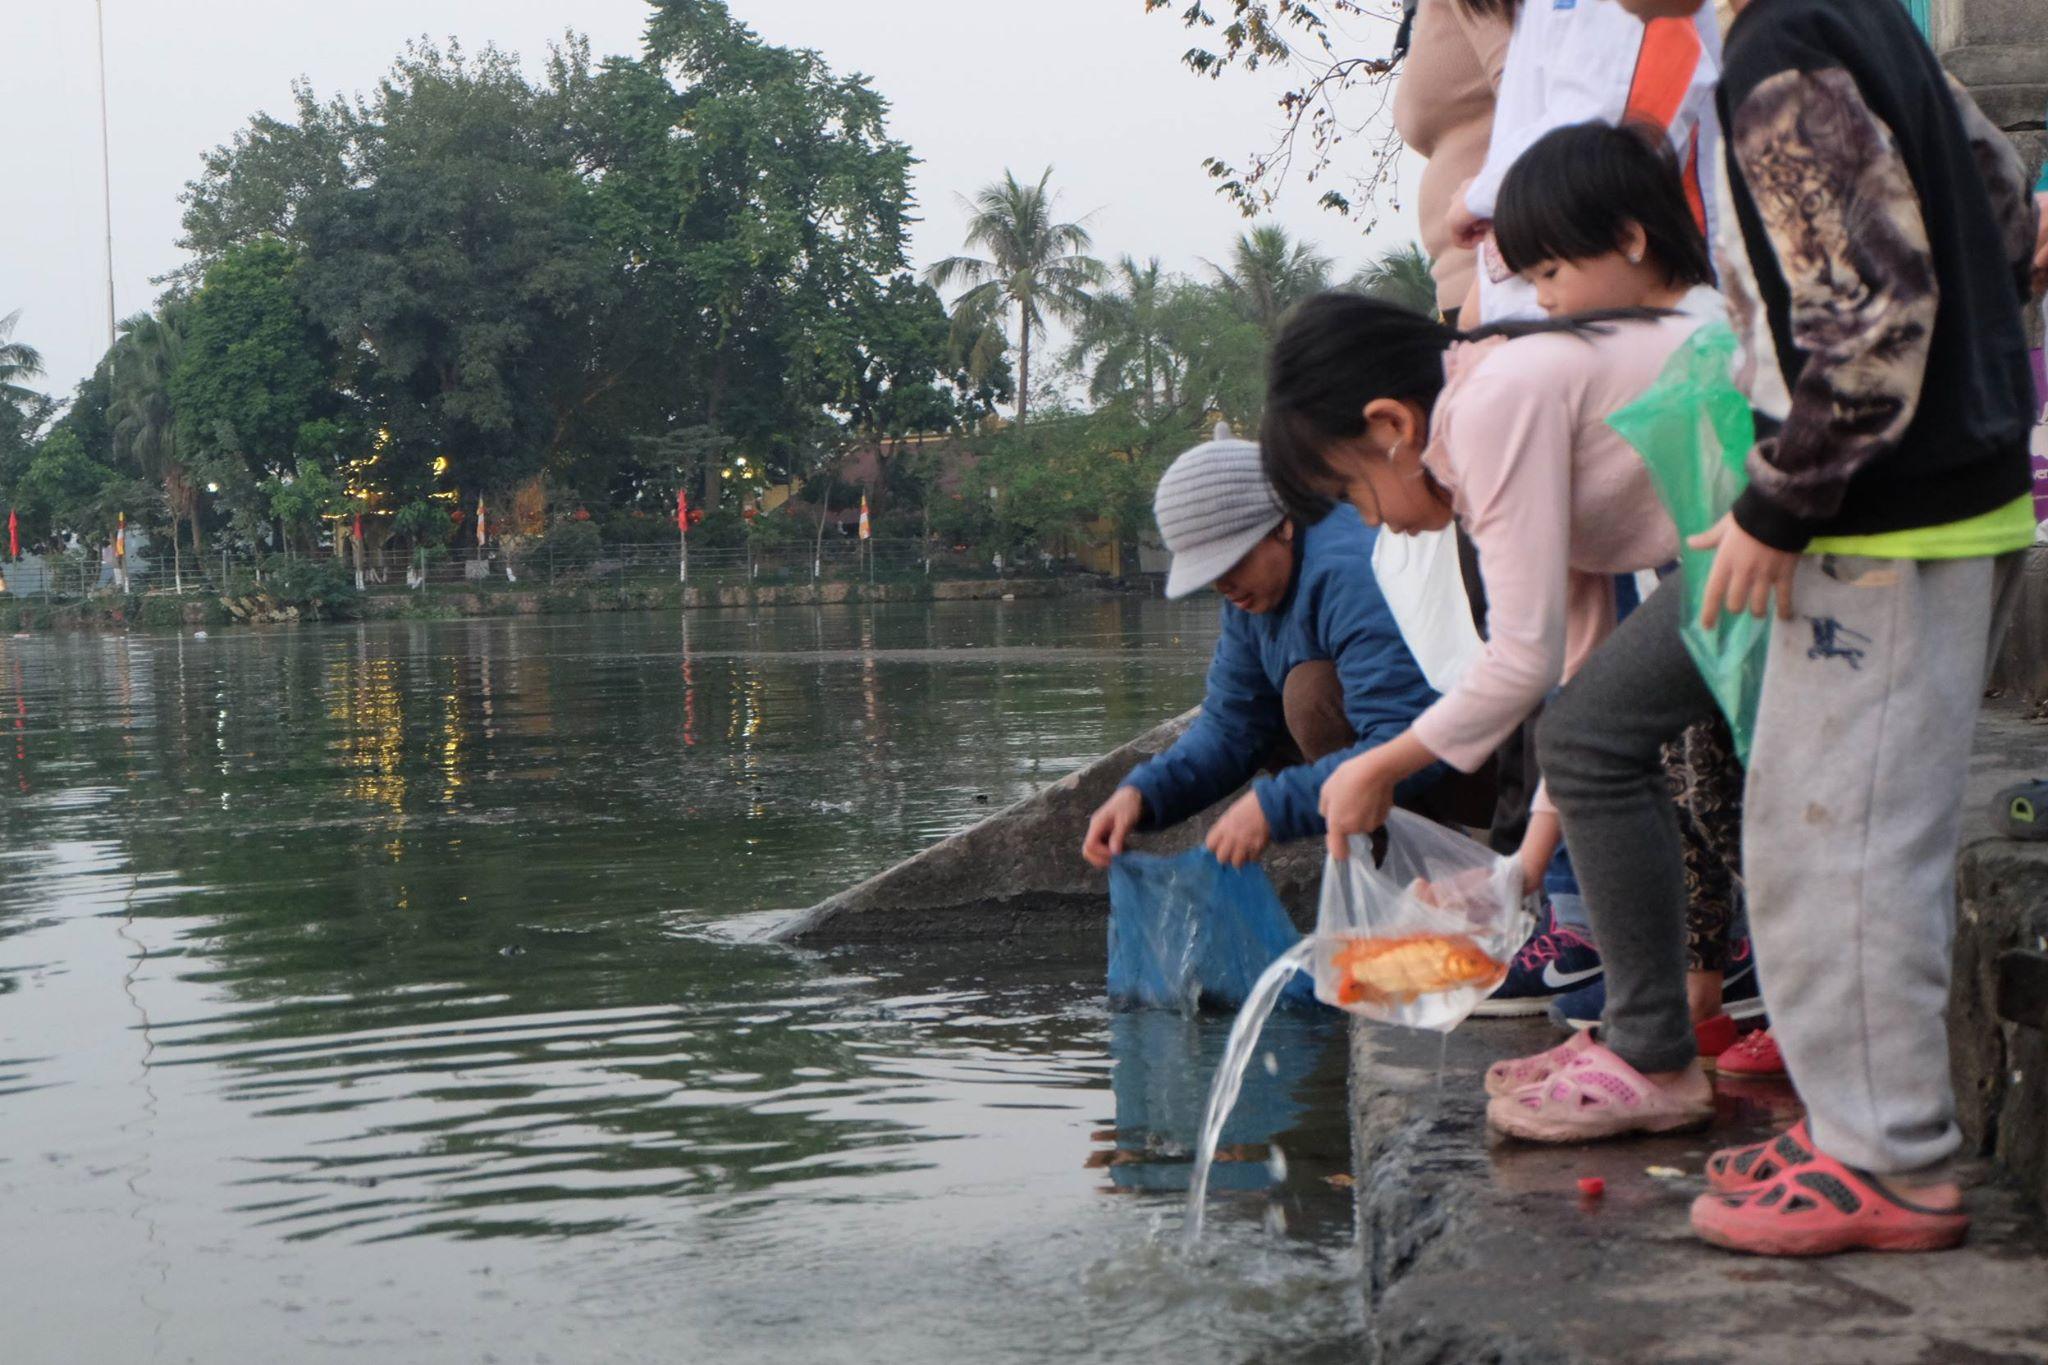 Hà Nội: Cá chép nhanh chóng 'chầu trời' sau khi bị thả xuống dòng nước ô nhiễm kinh hoàng - Ảnh 1